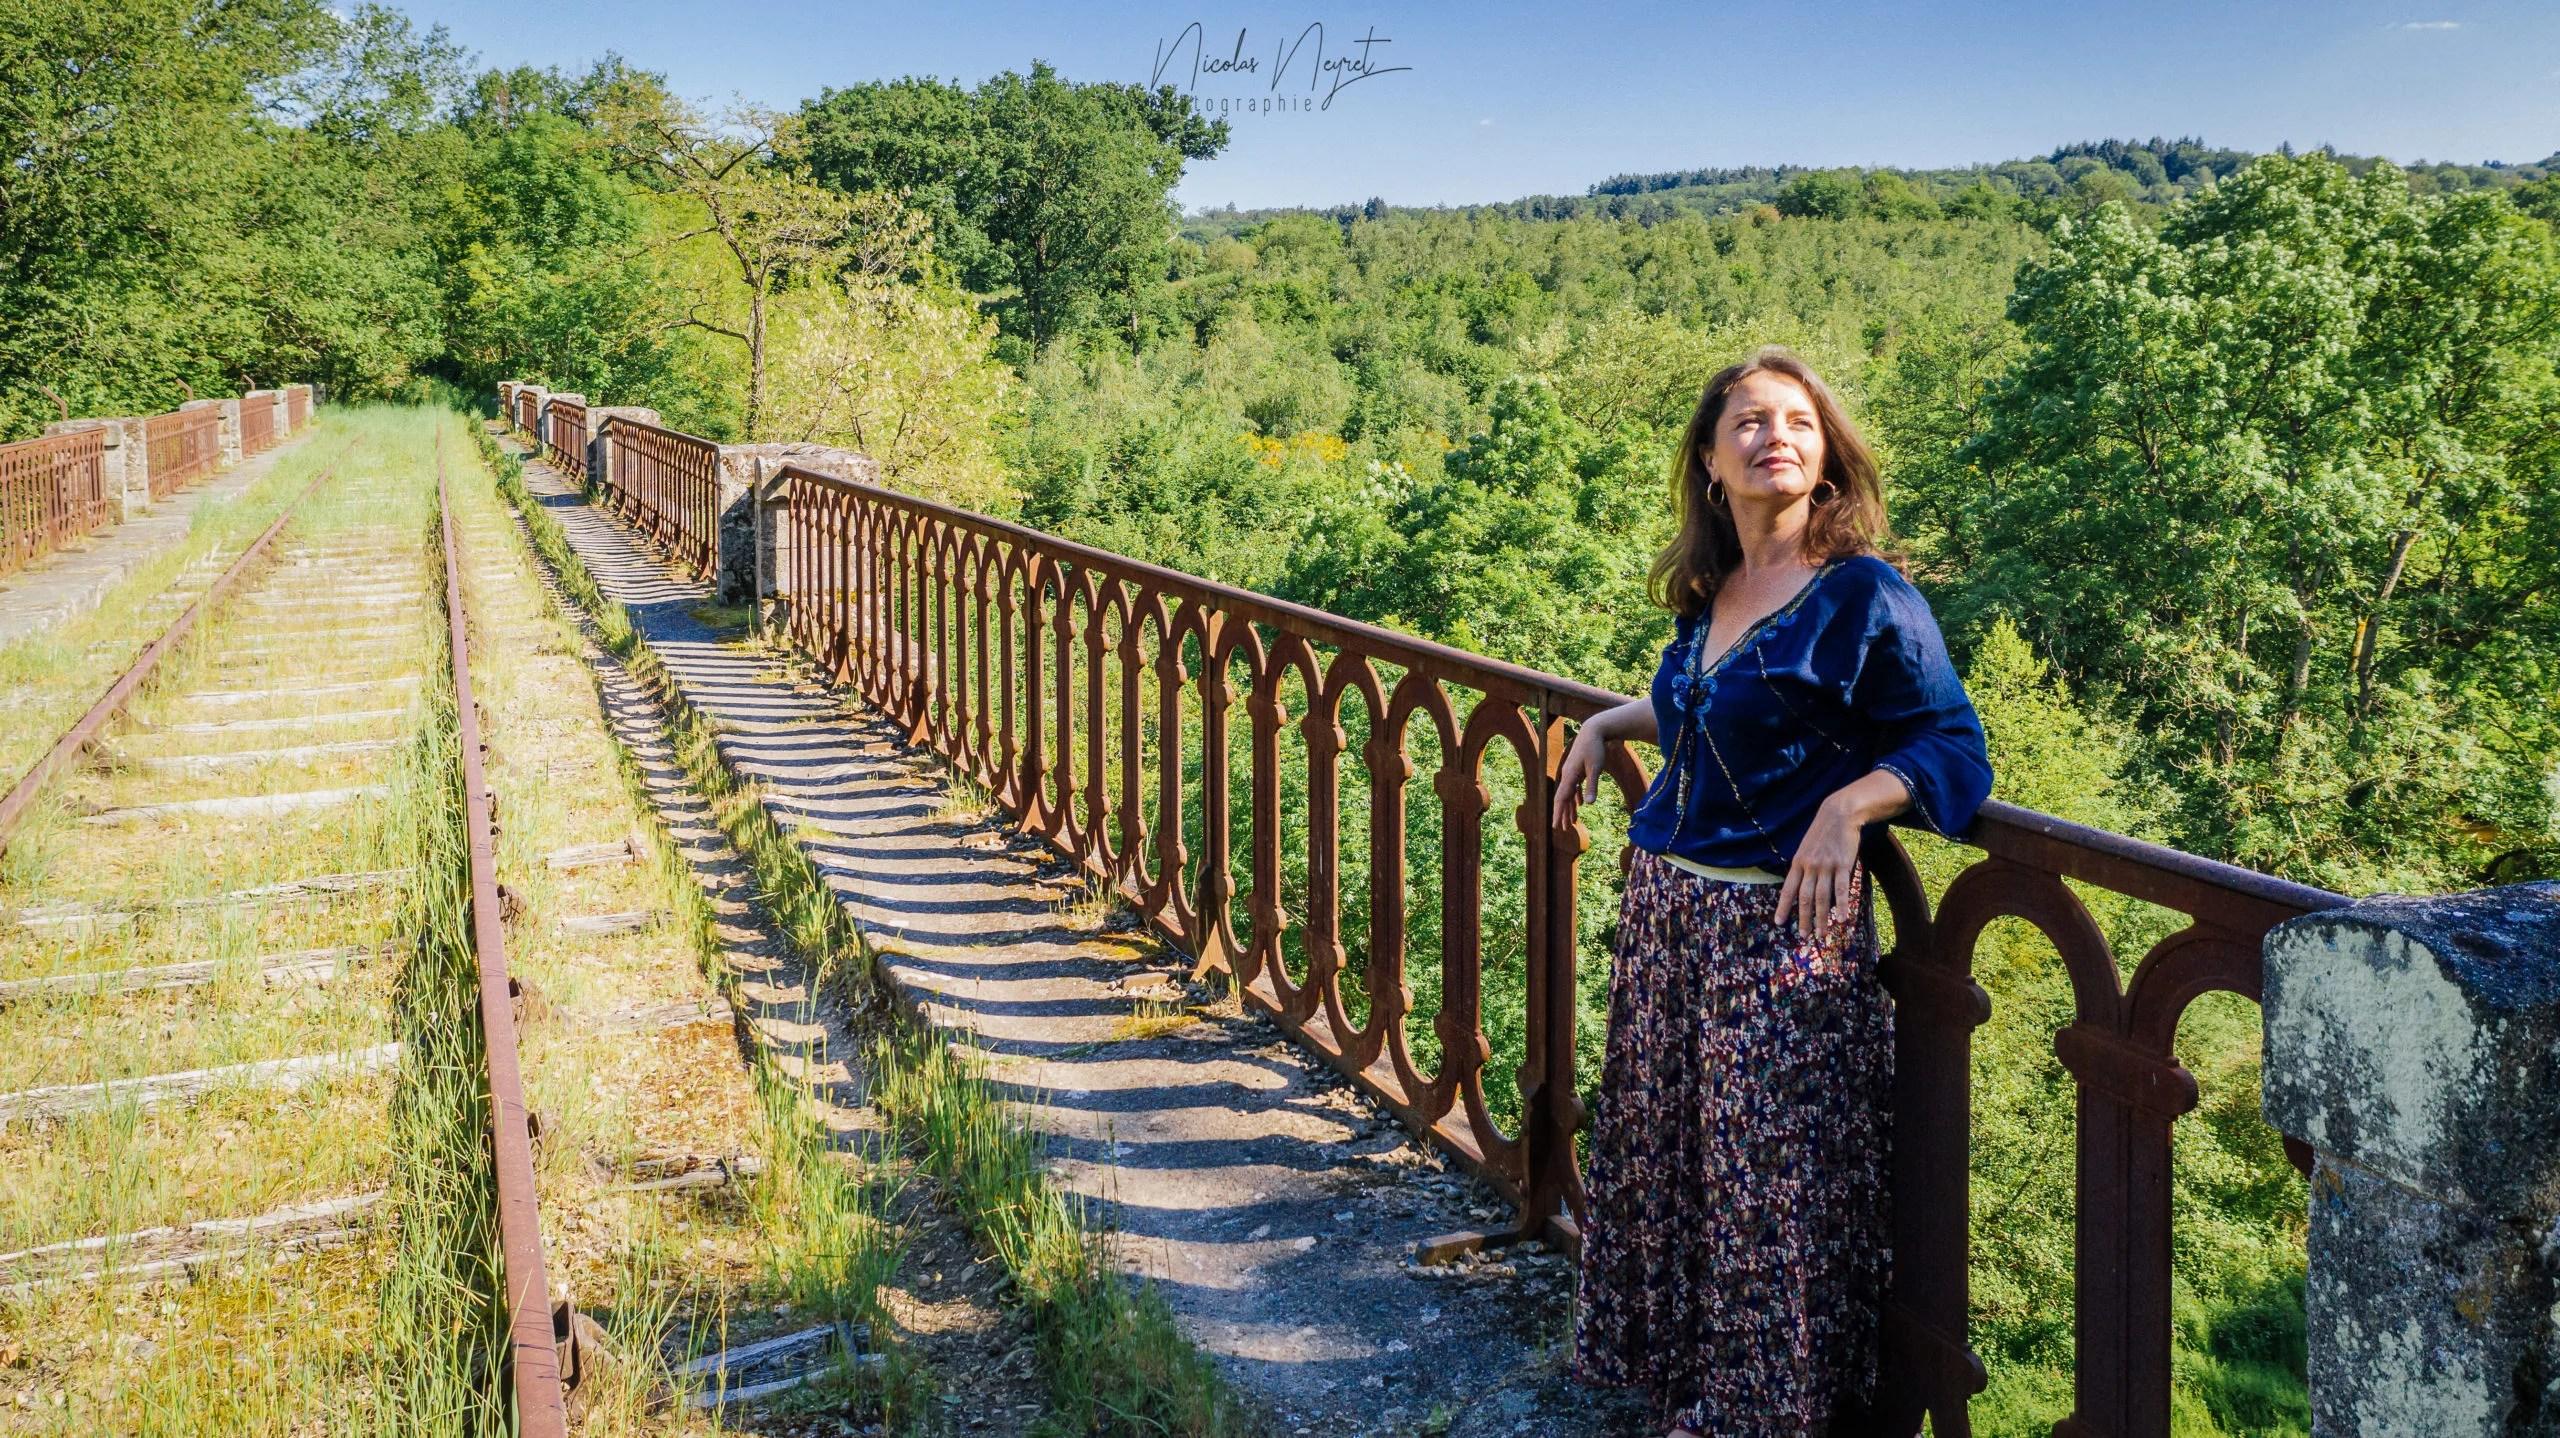 """Marie Rouyat, psychothérapeute et naturopathe à Saint-Pierre-des-Corps. Posant sur un pont avec forêt dans le fond. Image mis sur la page """"Qui suis-je ?""""."""